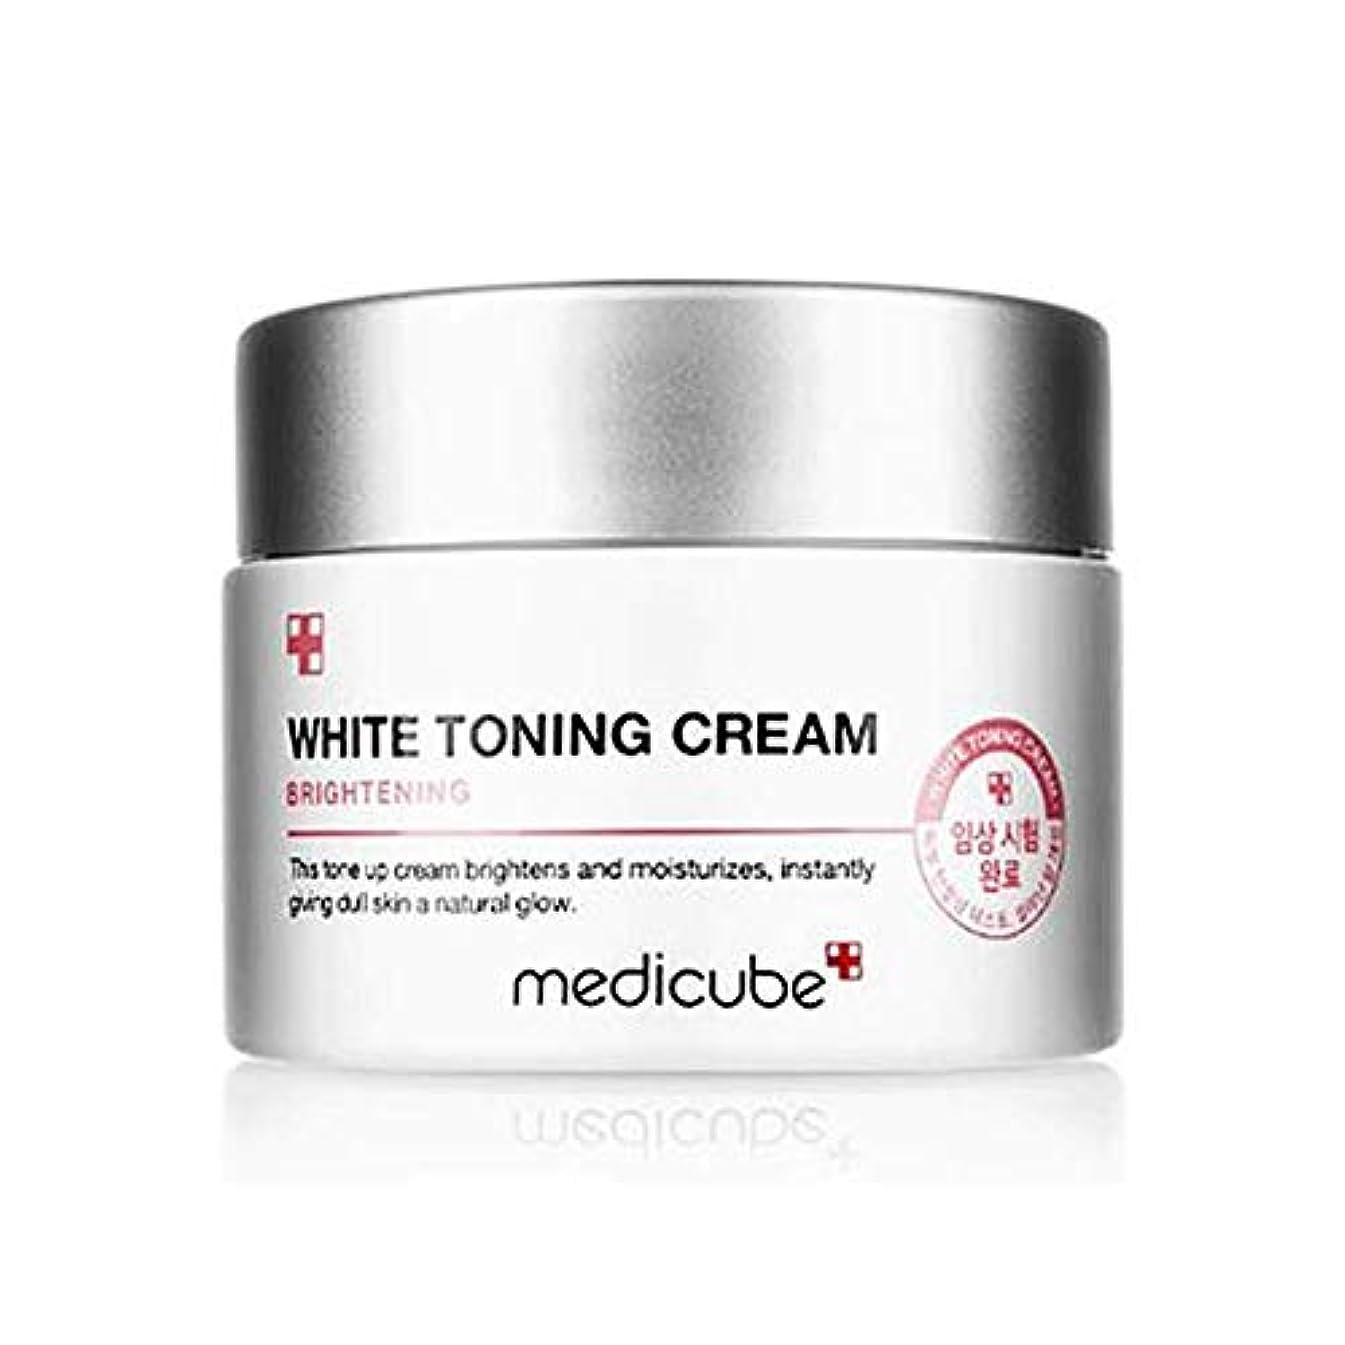 持っているストリーム準拠Medicube WHITE TONING CREAM メディキューブ ホワイトトーニングクリーム 55ml [並行輸入品]